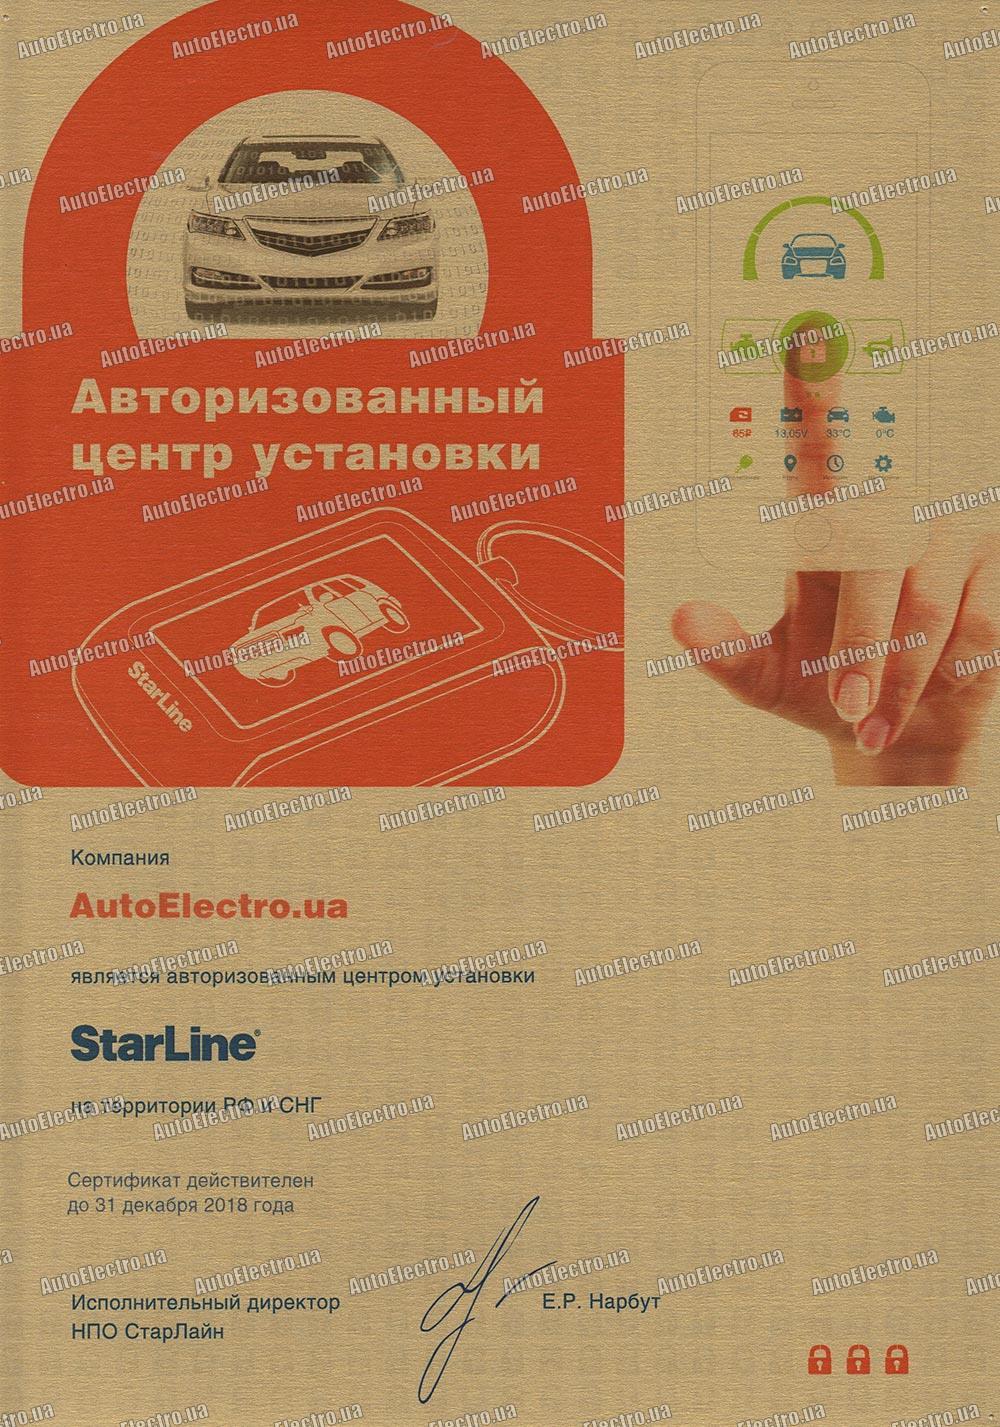 starline украина autoelectro.ua